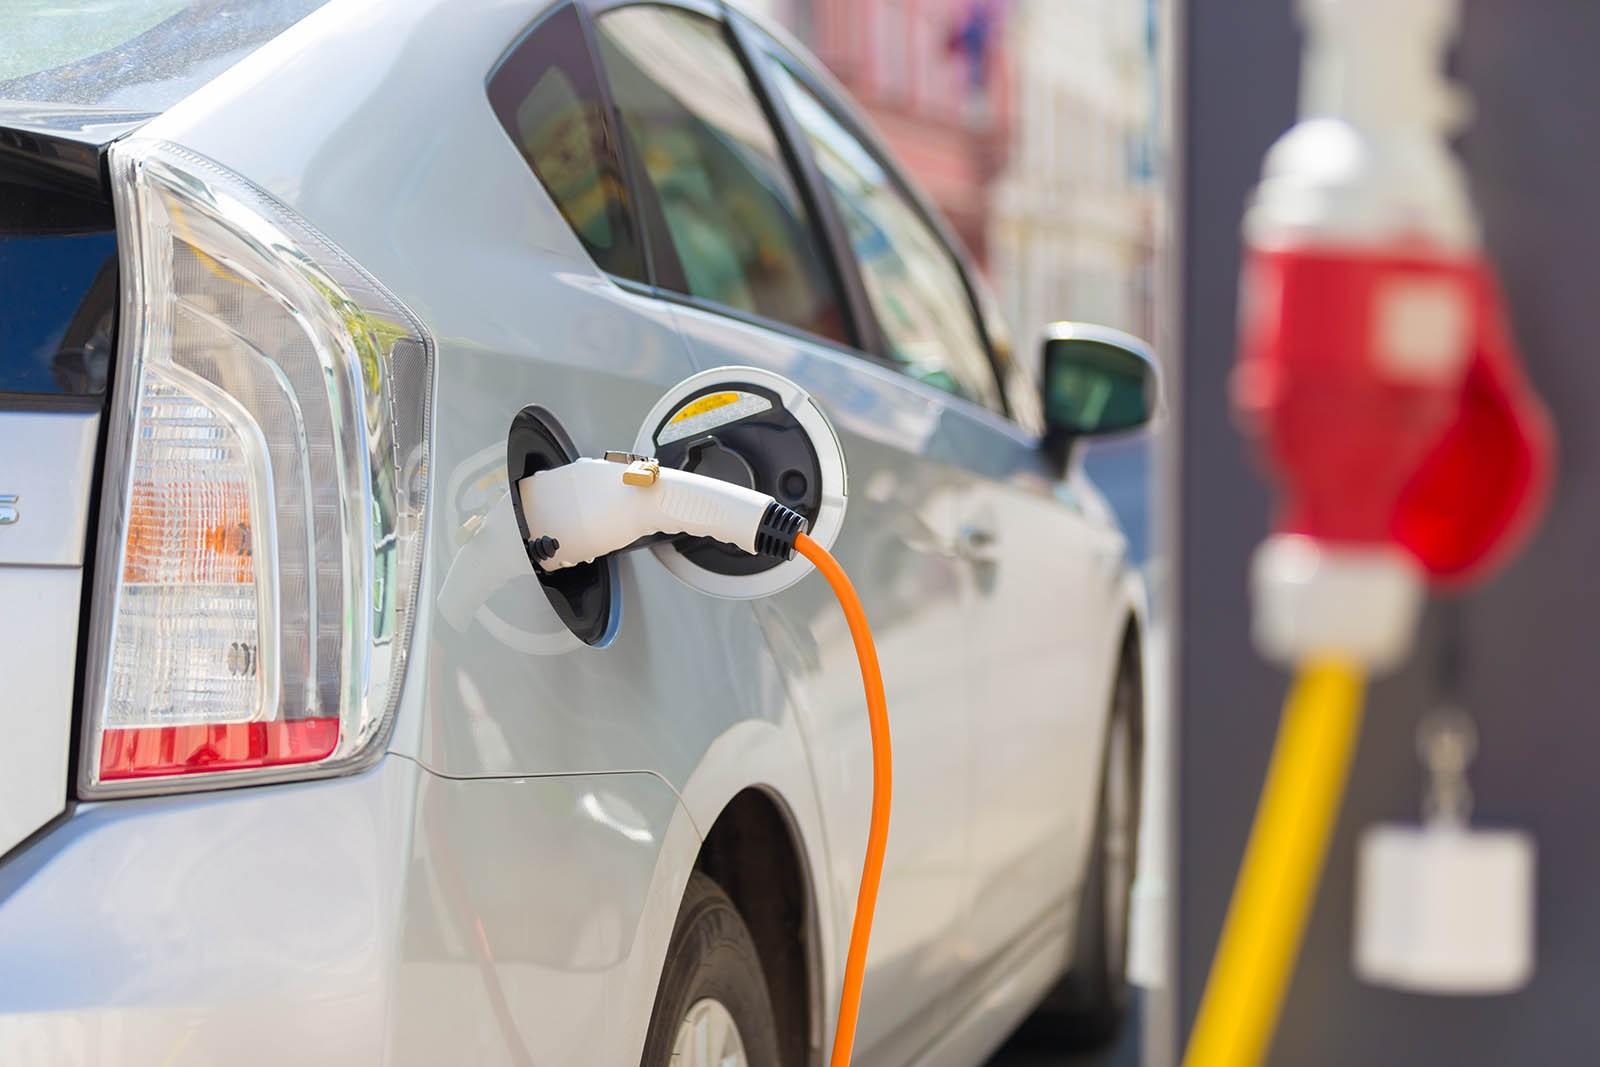 Авито Авто: спрос на электромобили с пробегом вырос на 132%